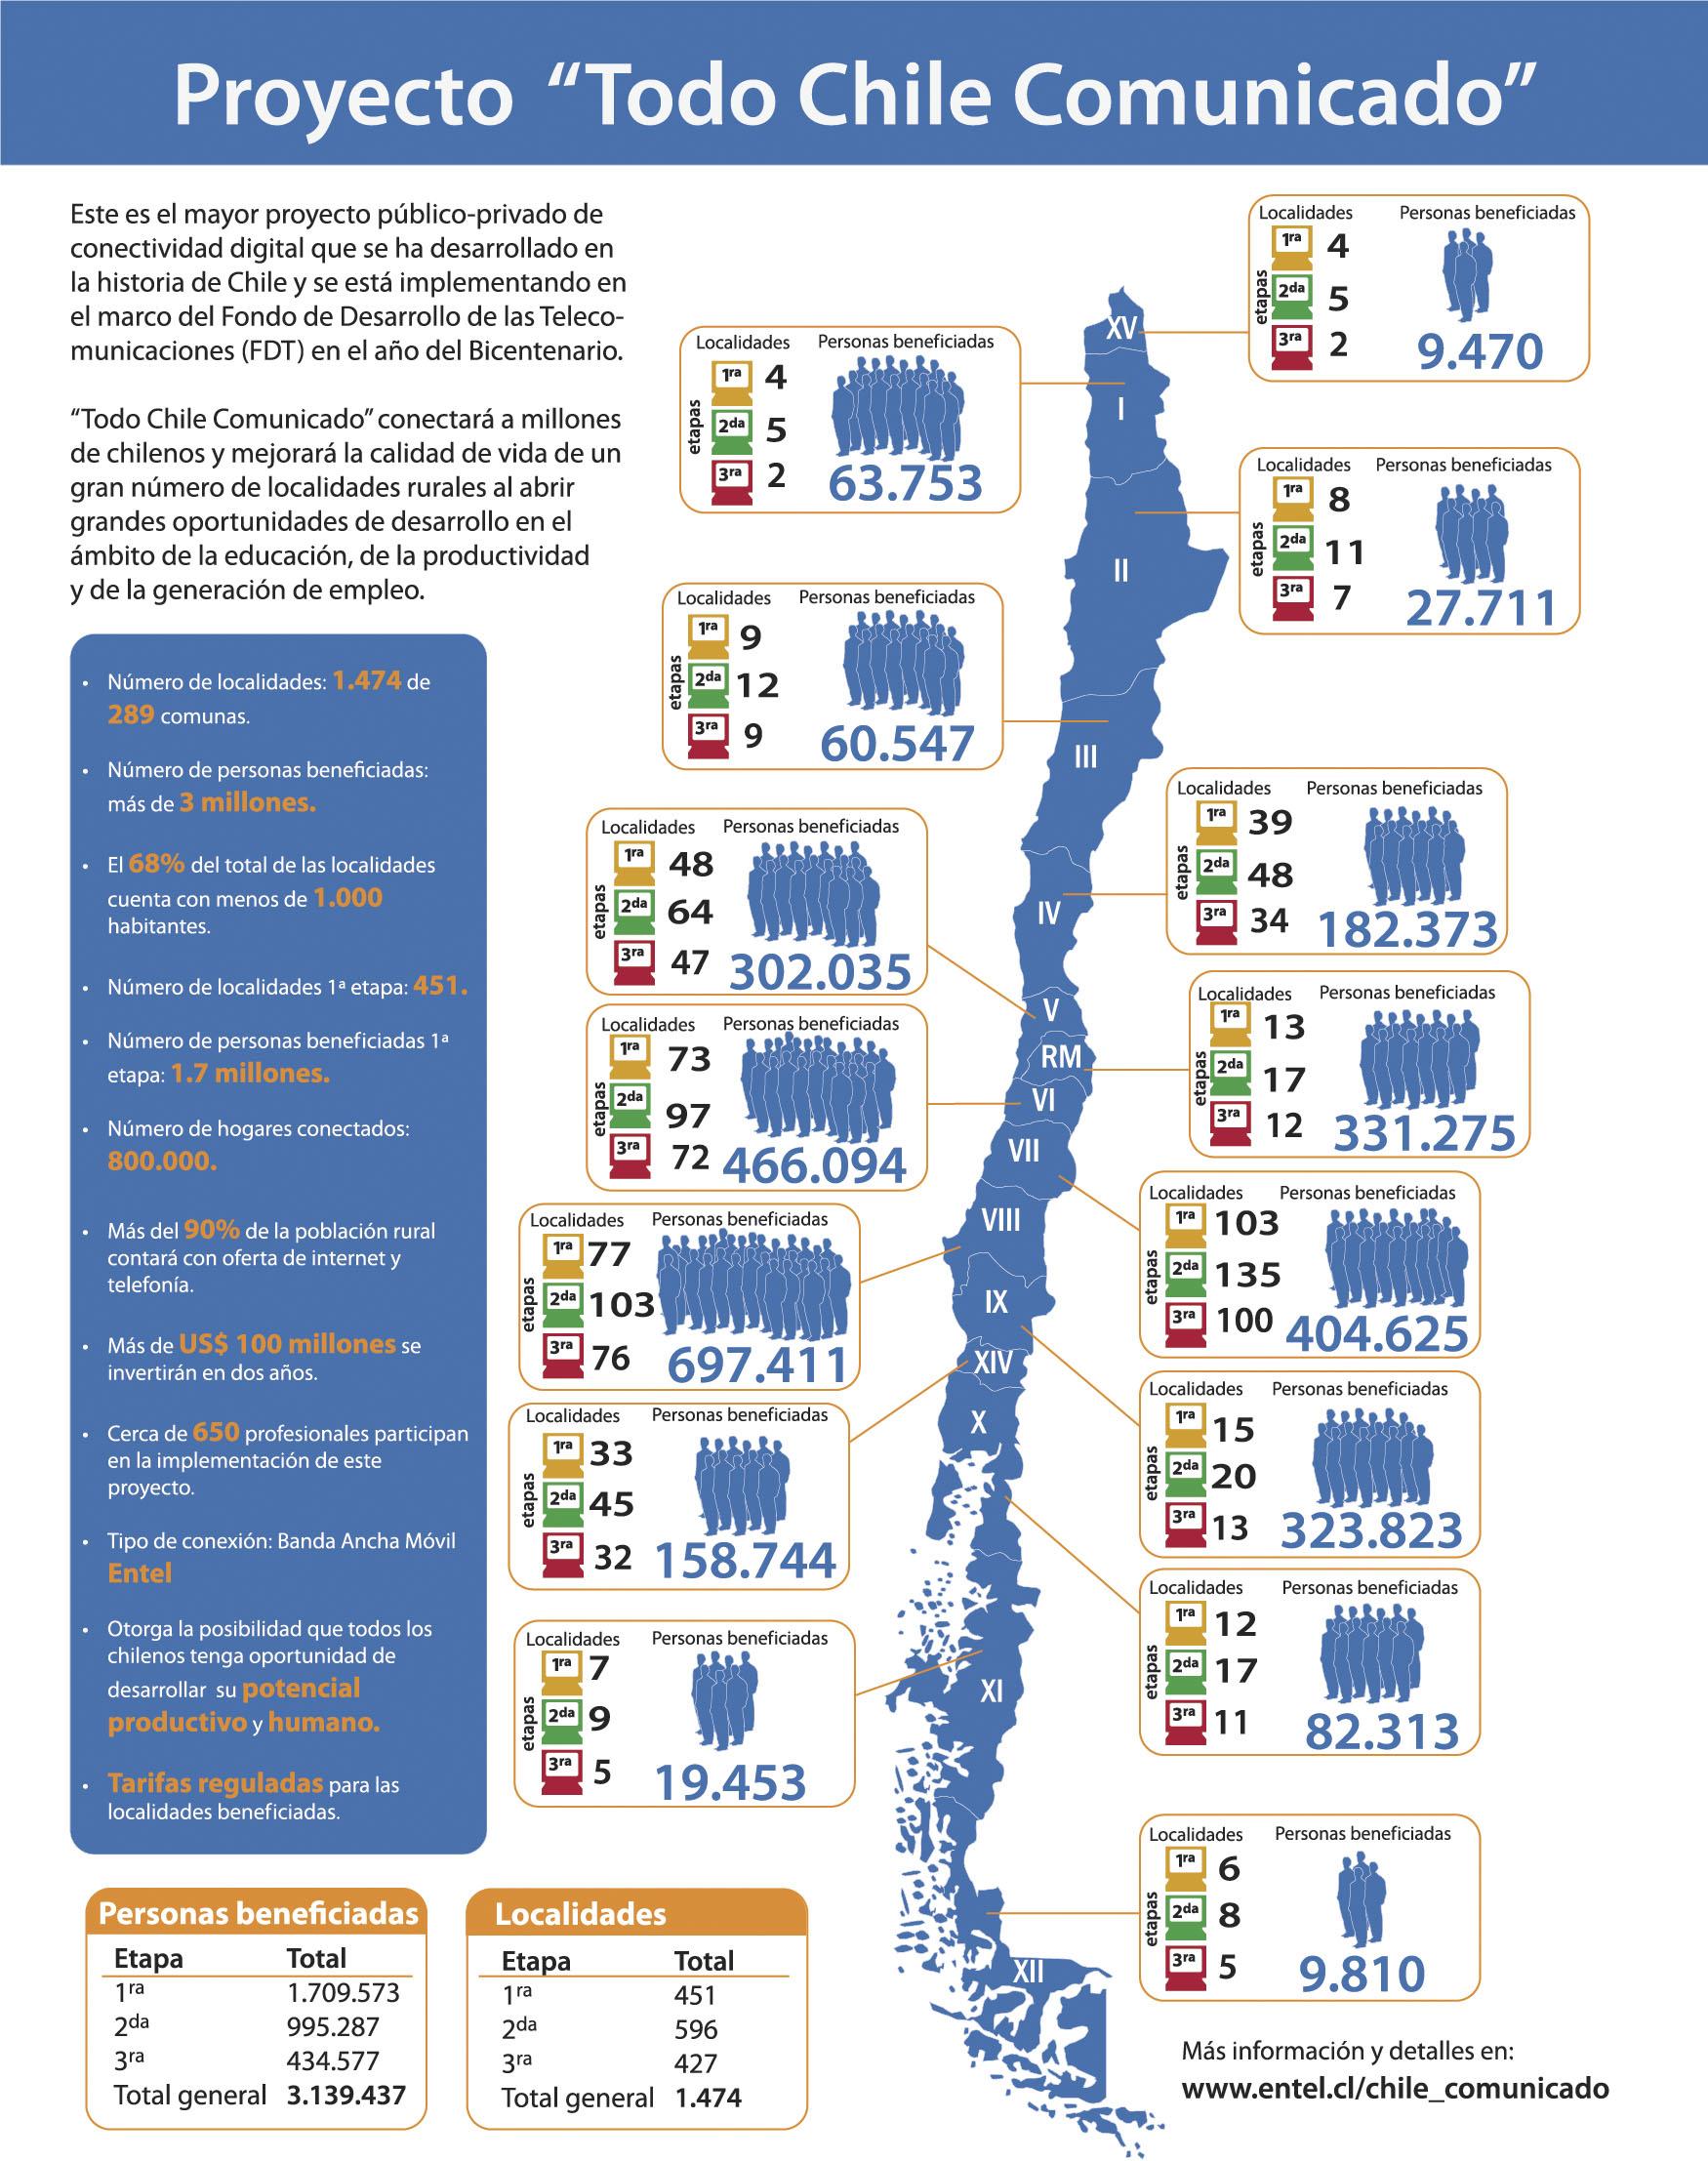 chile sumar 1 7 millones de internautas en septiembre